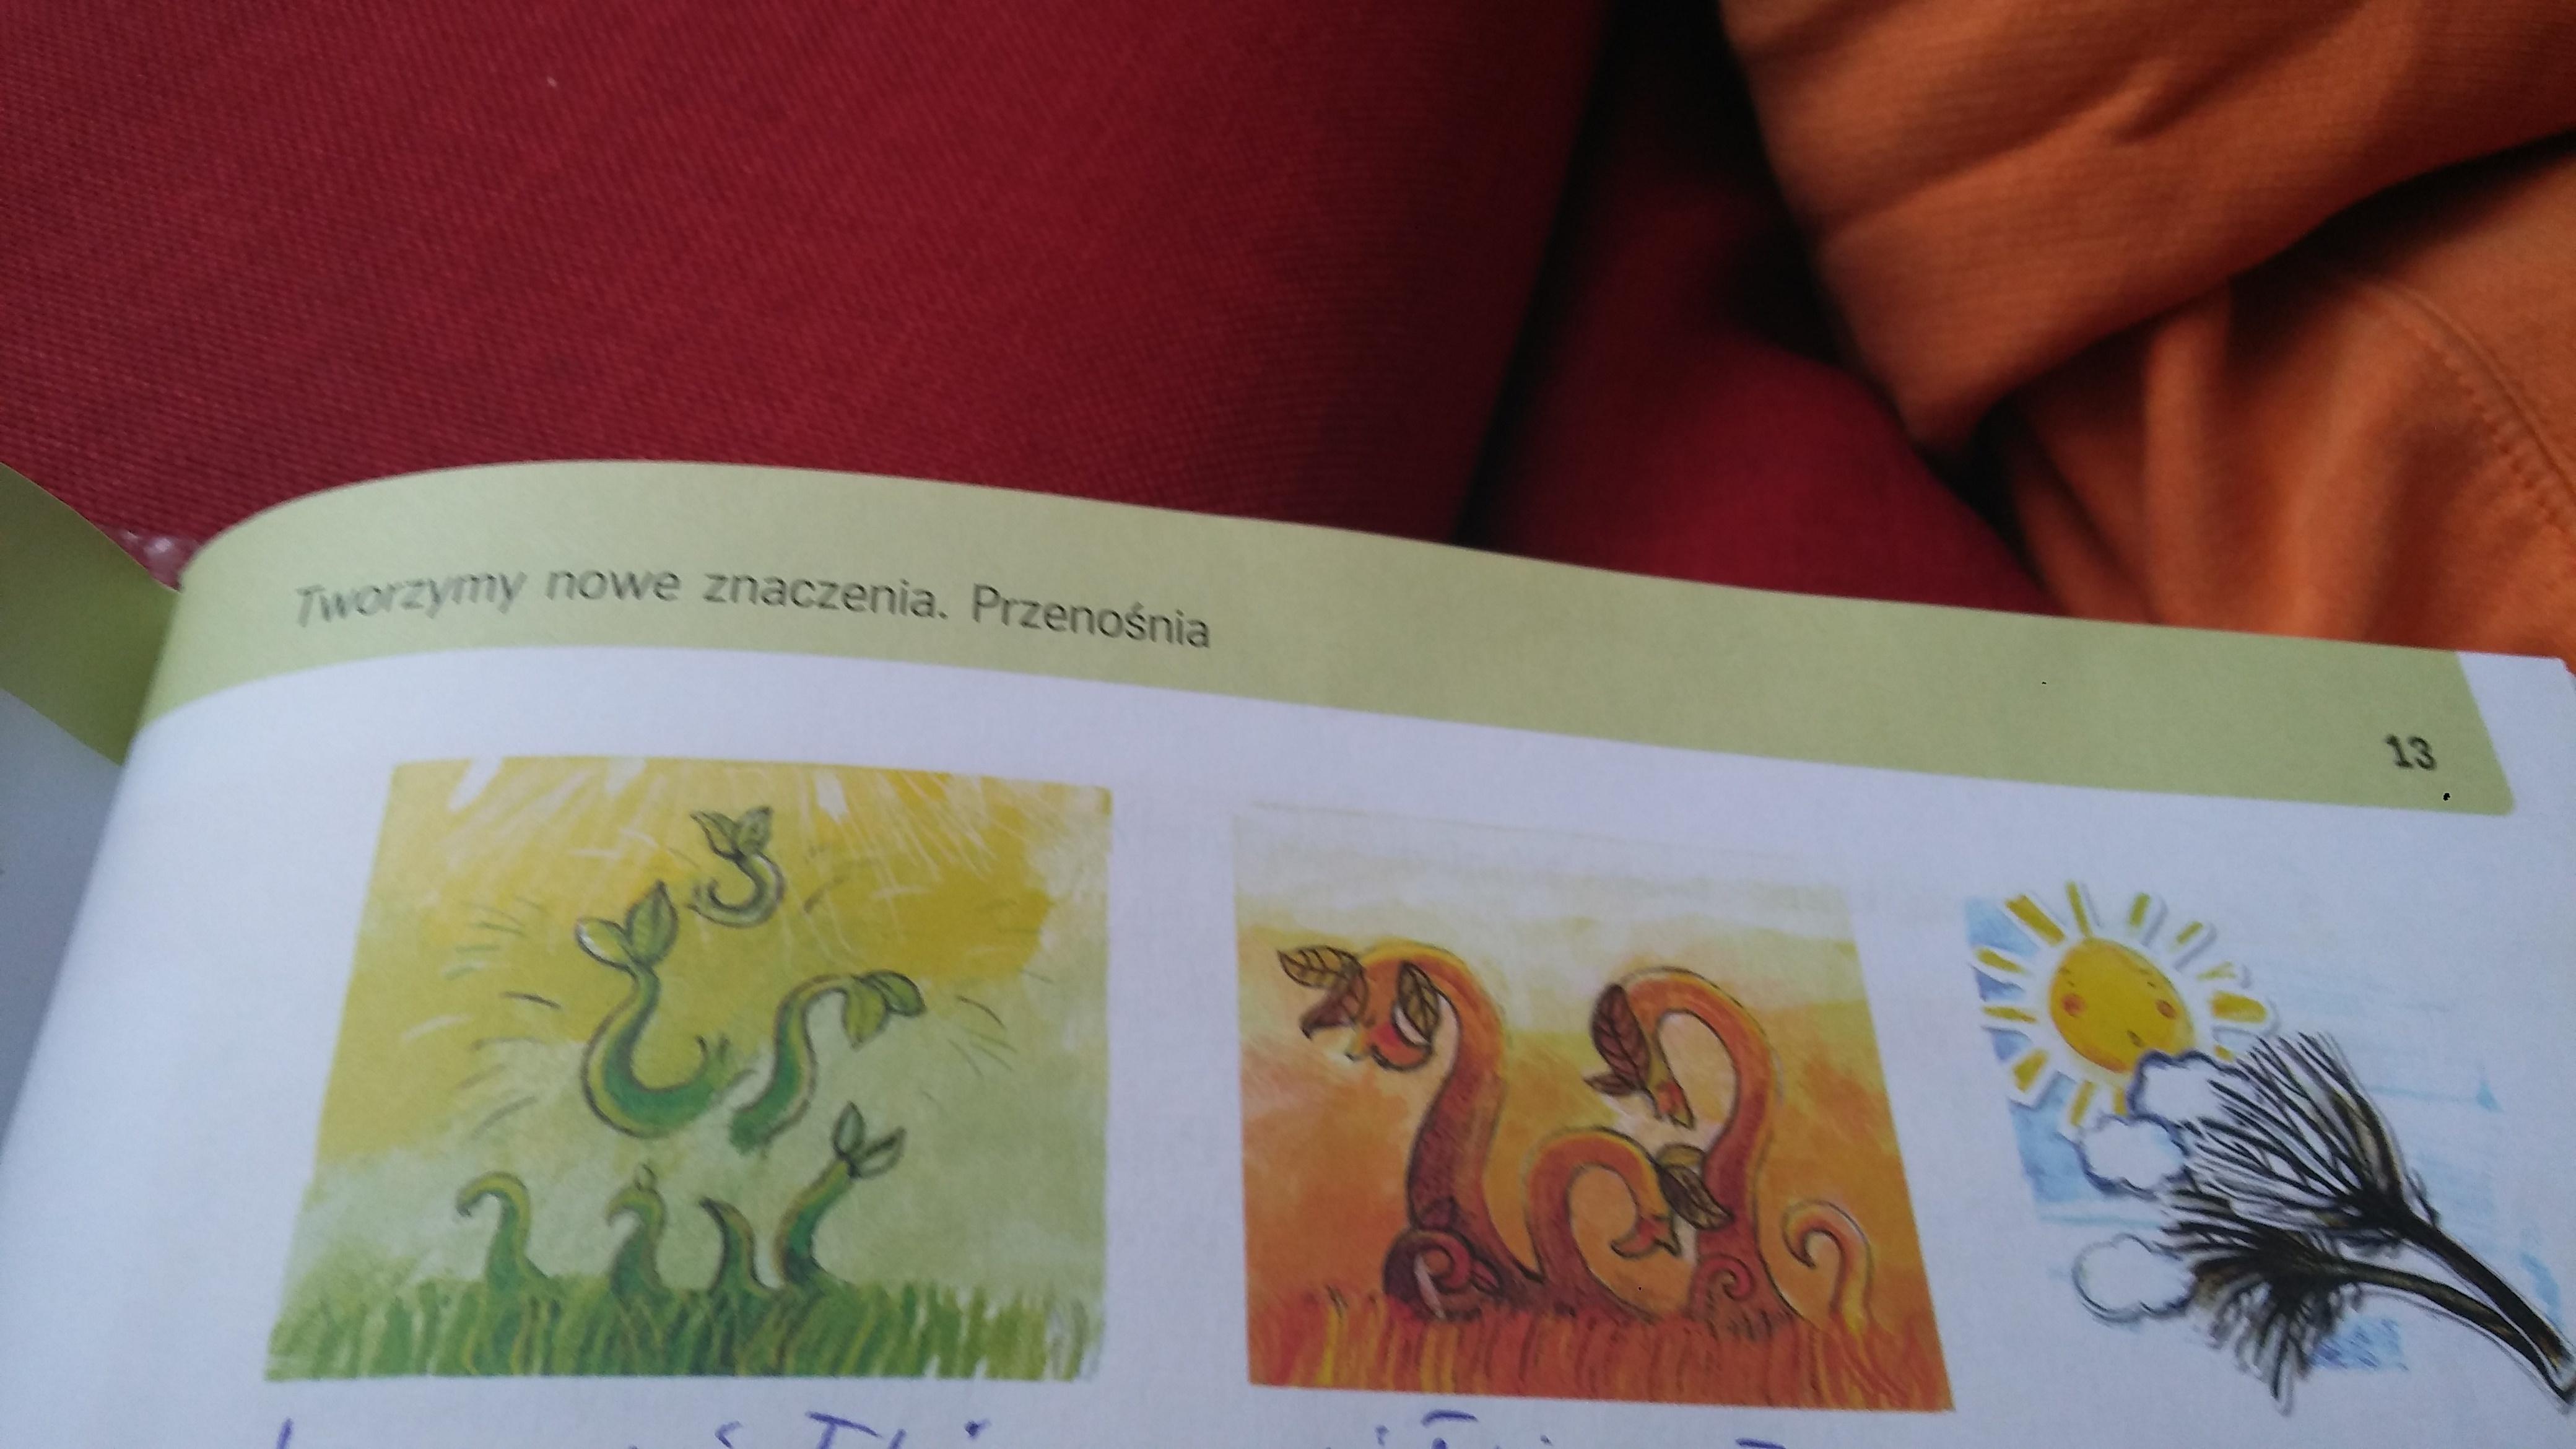 Podpisz Ilustracje Odpowiednimi Fragmentami Wiersza Wiosenne